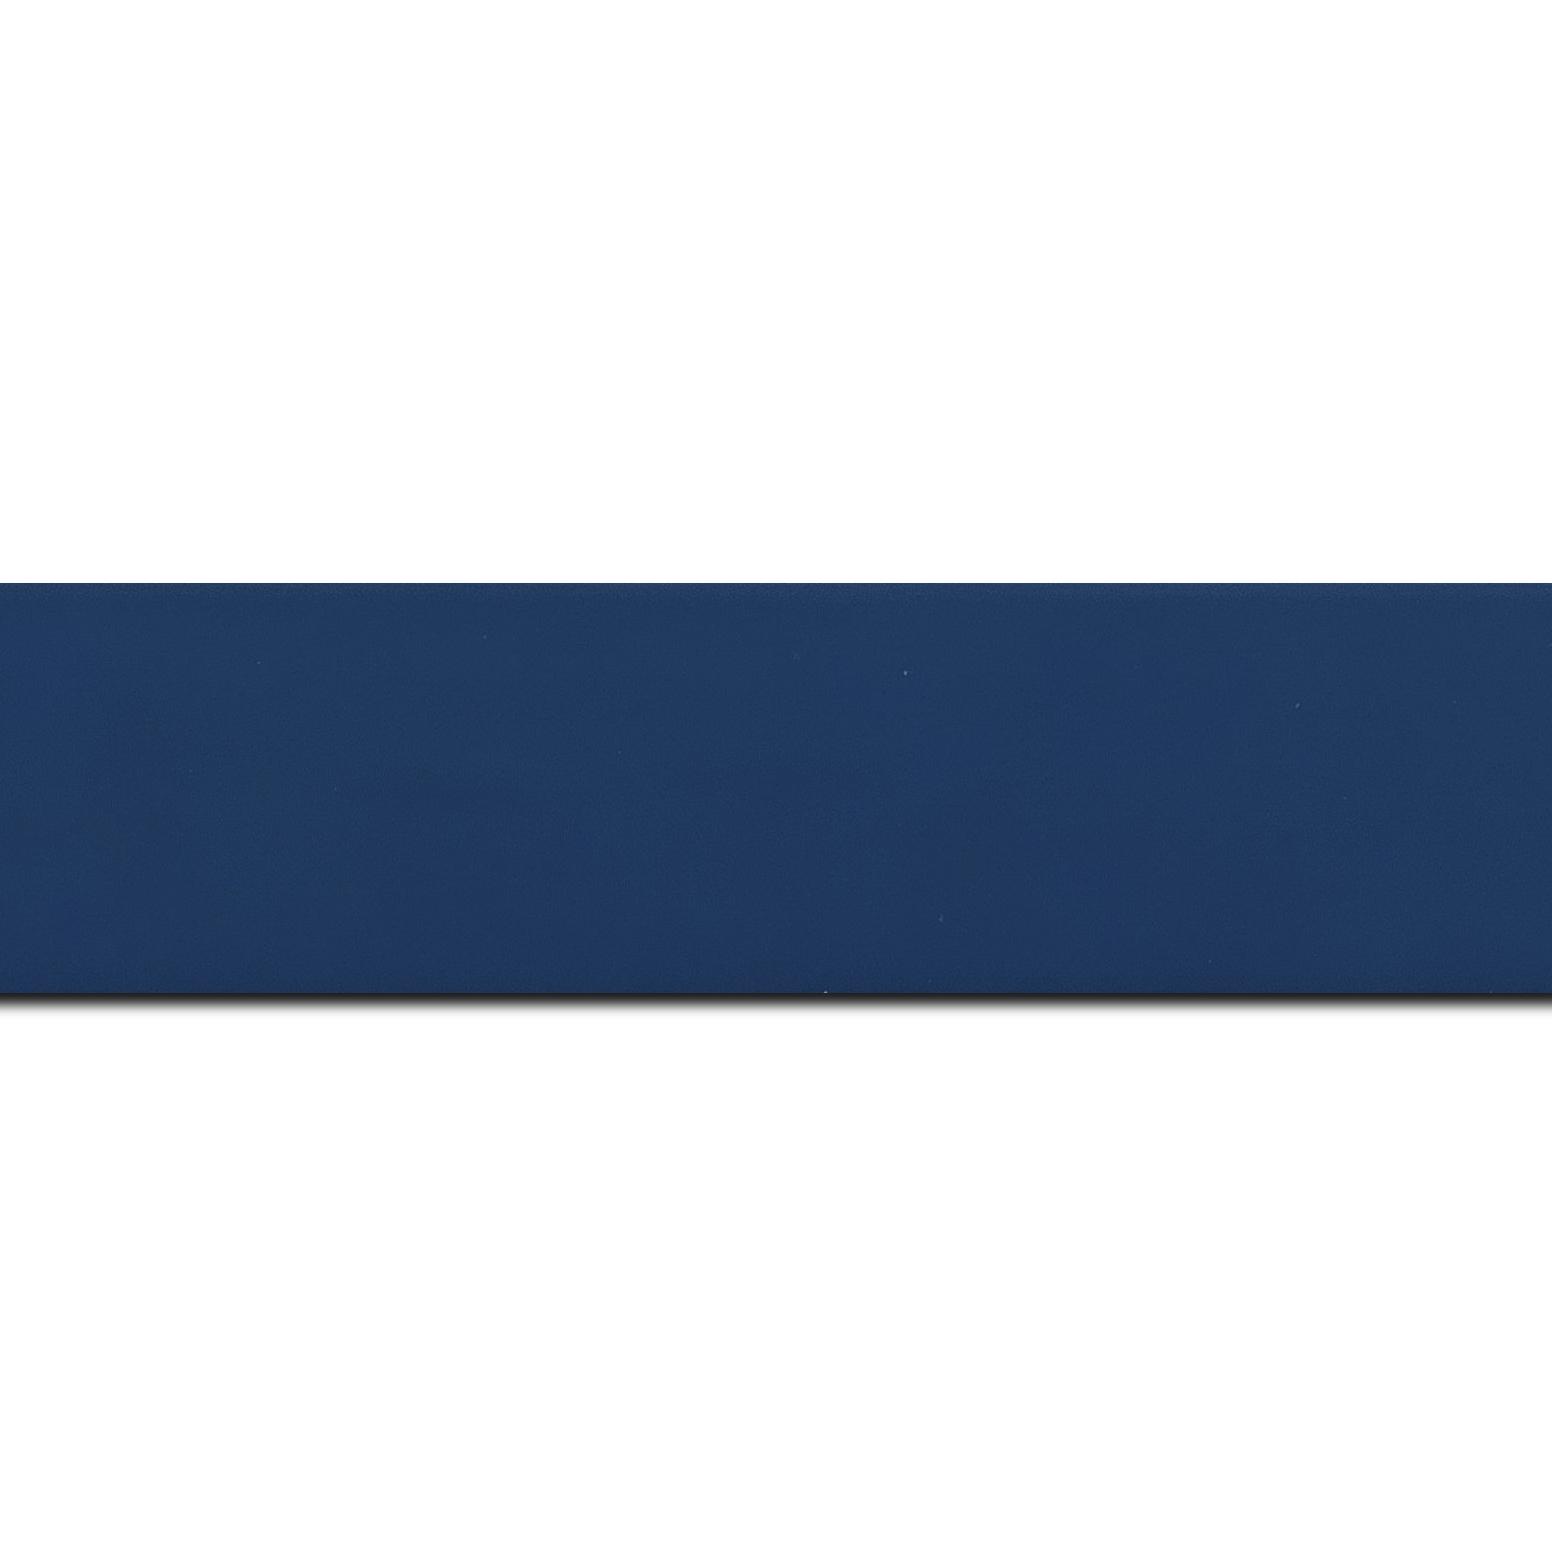 Baguette longueur 1.40m bois profil plat largeur 3.9cm couleur bleu grec mat